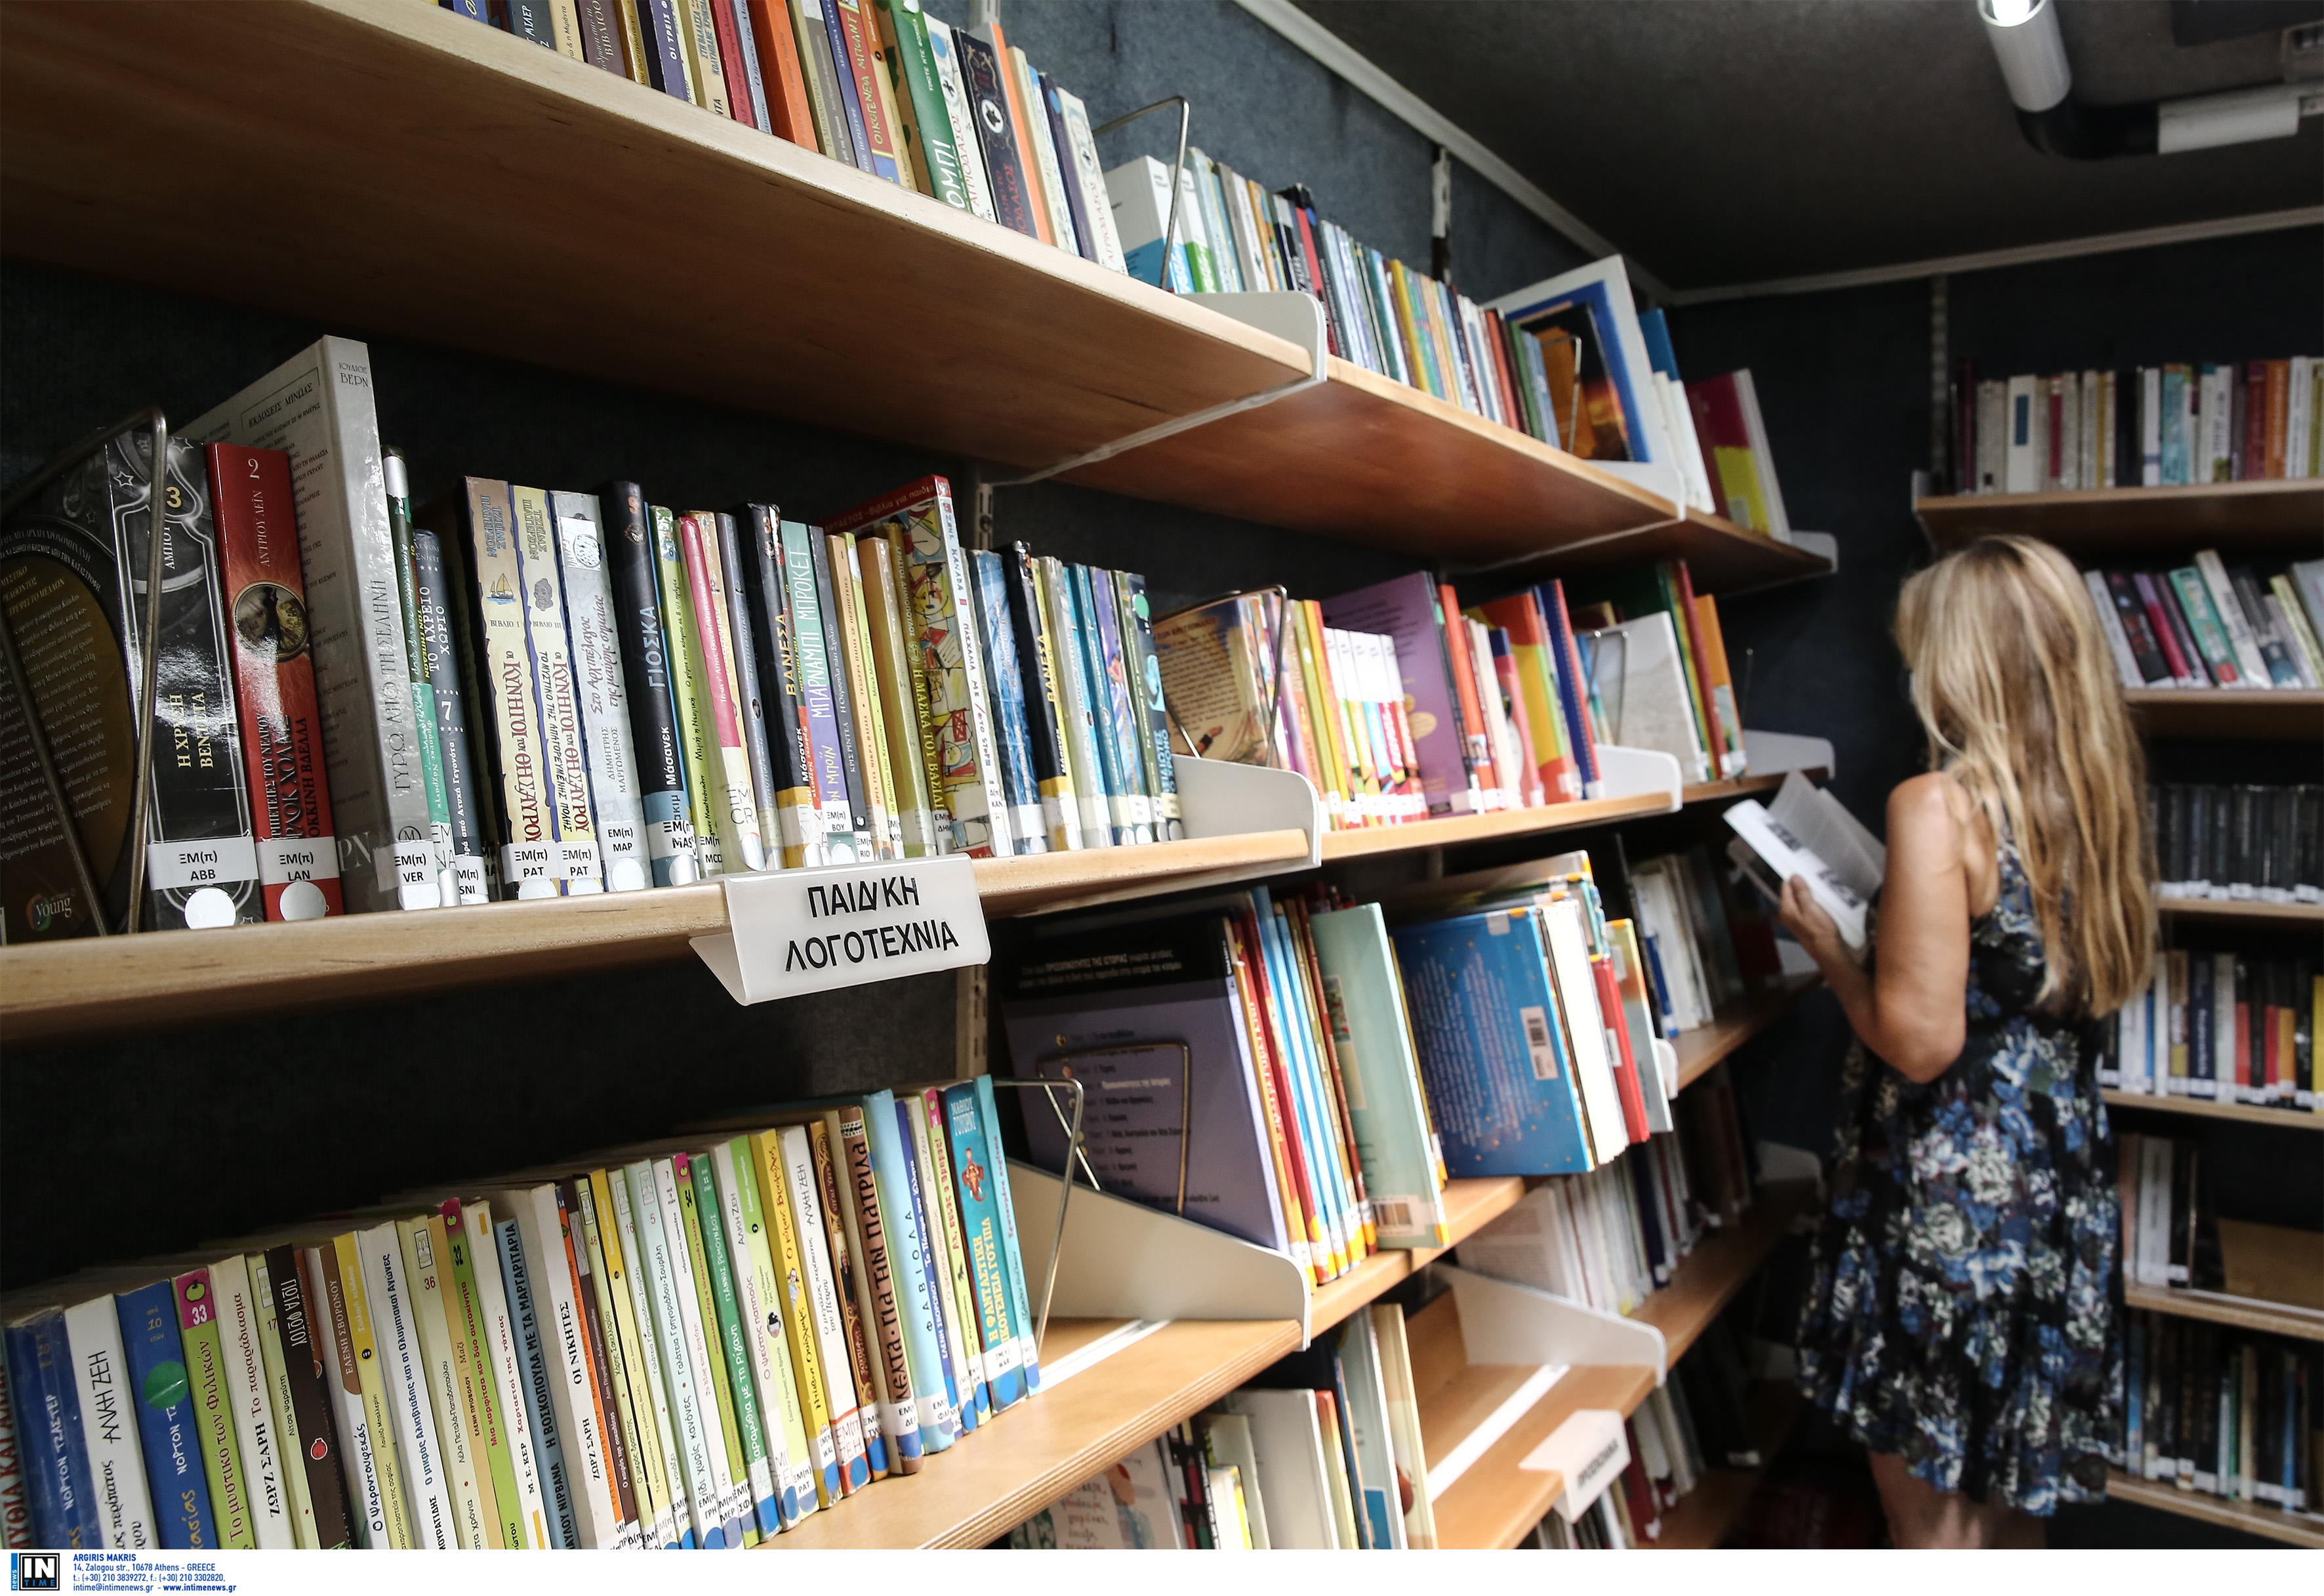 Τα βιβλία μπορούν να επιστραφούν σε όποιο μέρος βρίσκεται κάθε φορά η Κινητή Βιβλιοθήκη ή και στην Κεντρική Δημοτική Βιβλιοθήκη του δήμου Αθηναίων στο Σταθμό Λαρίσης